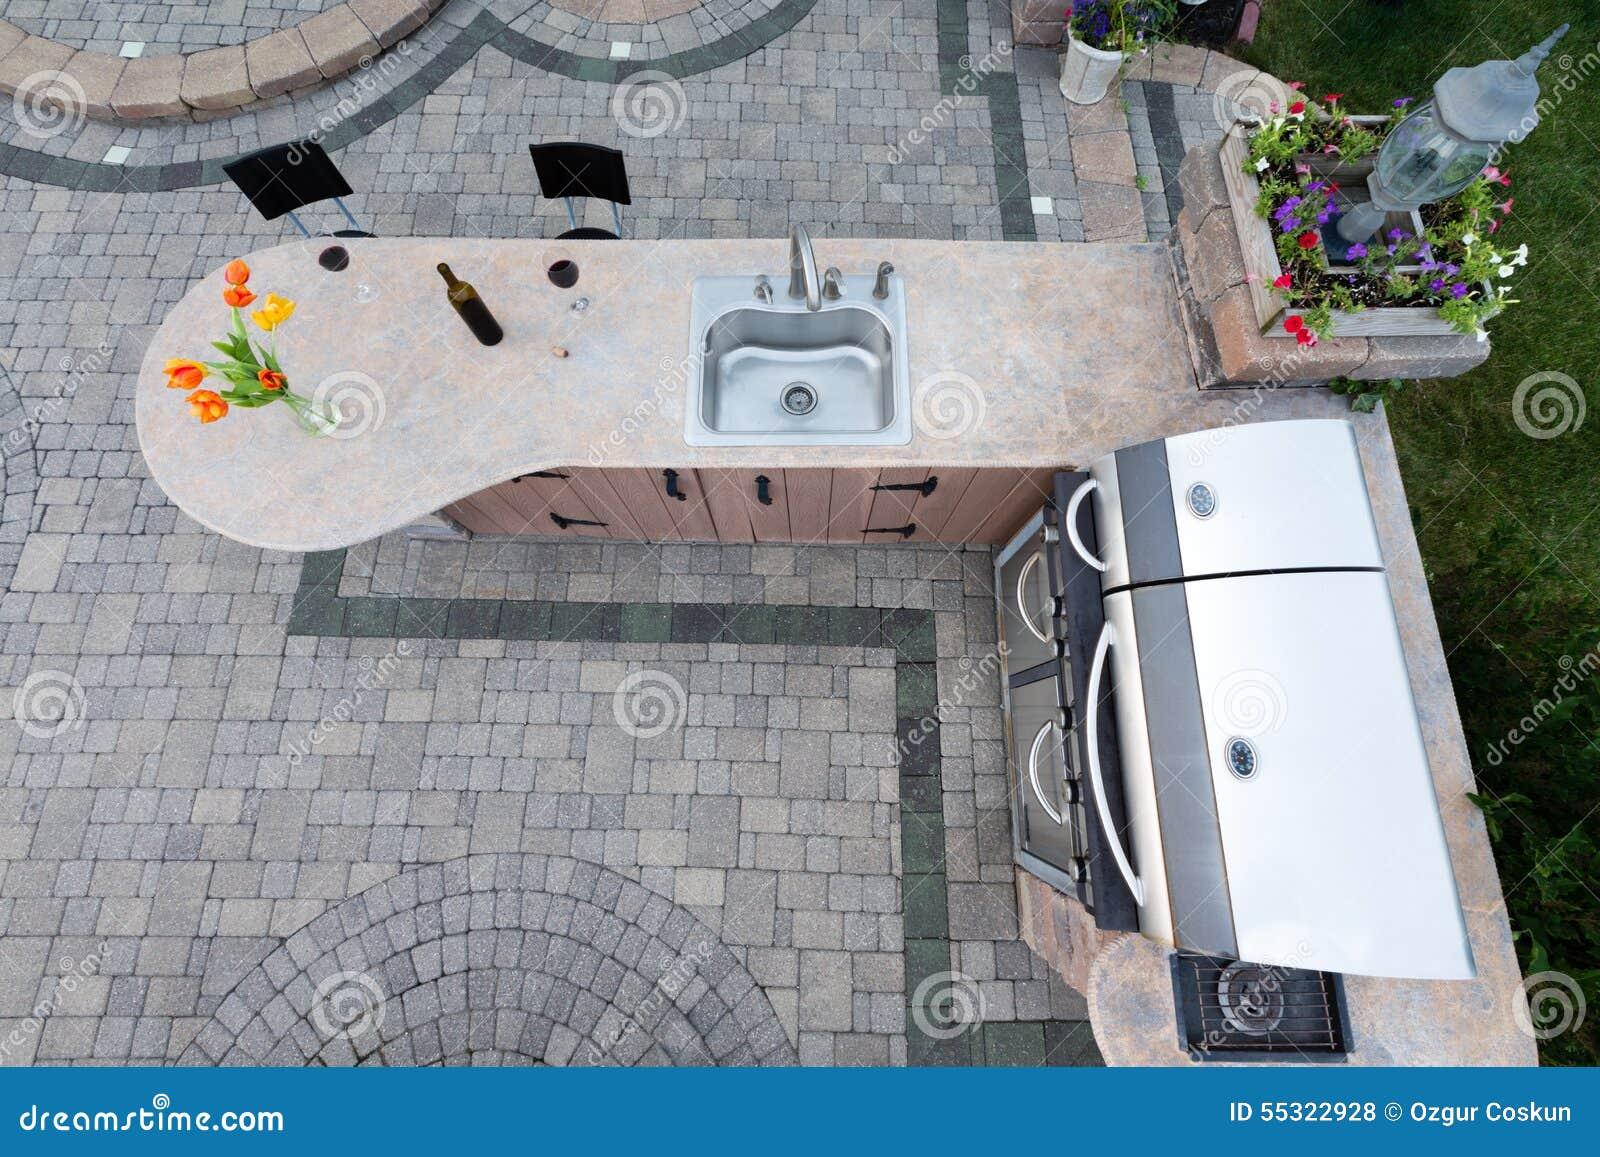 Utomhus  sommarkök med grillfesten och vasken arkivfoto   bild ...